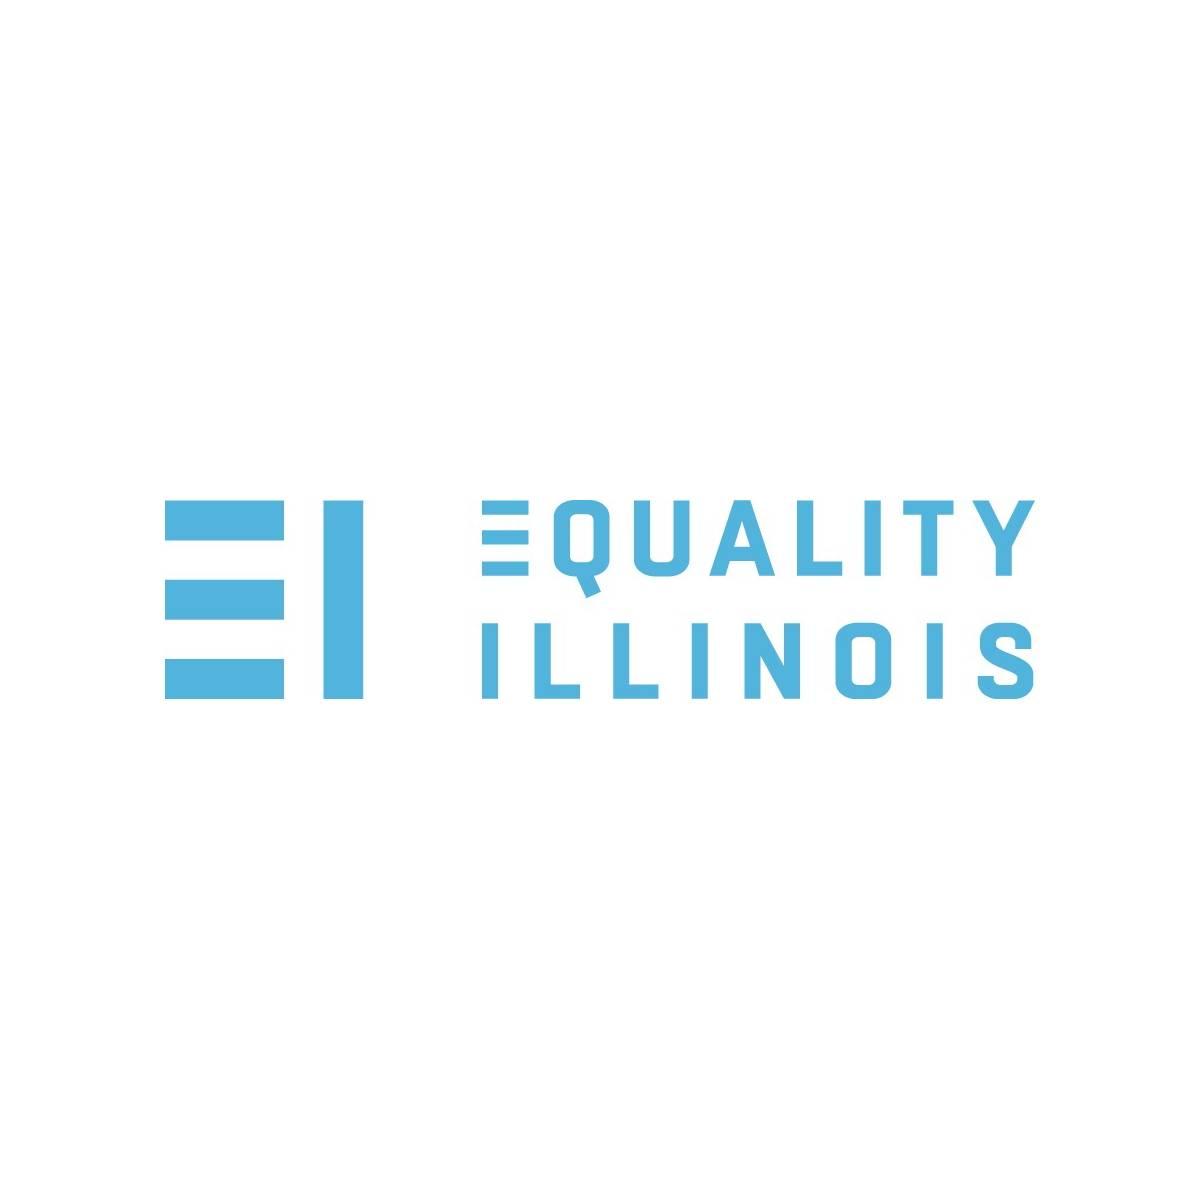 Equality Illinois image